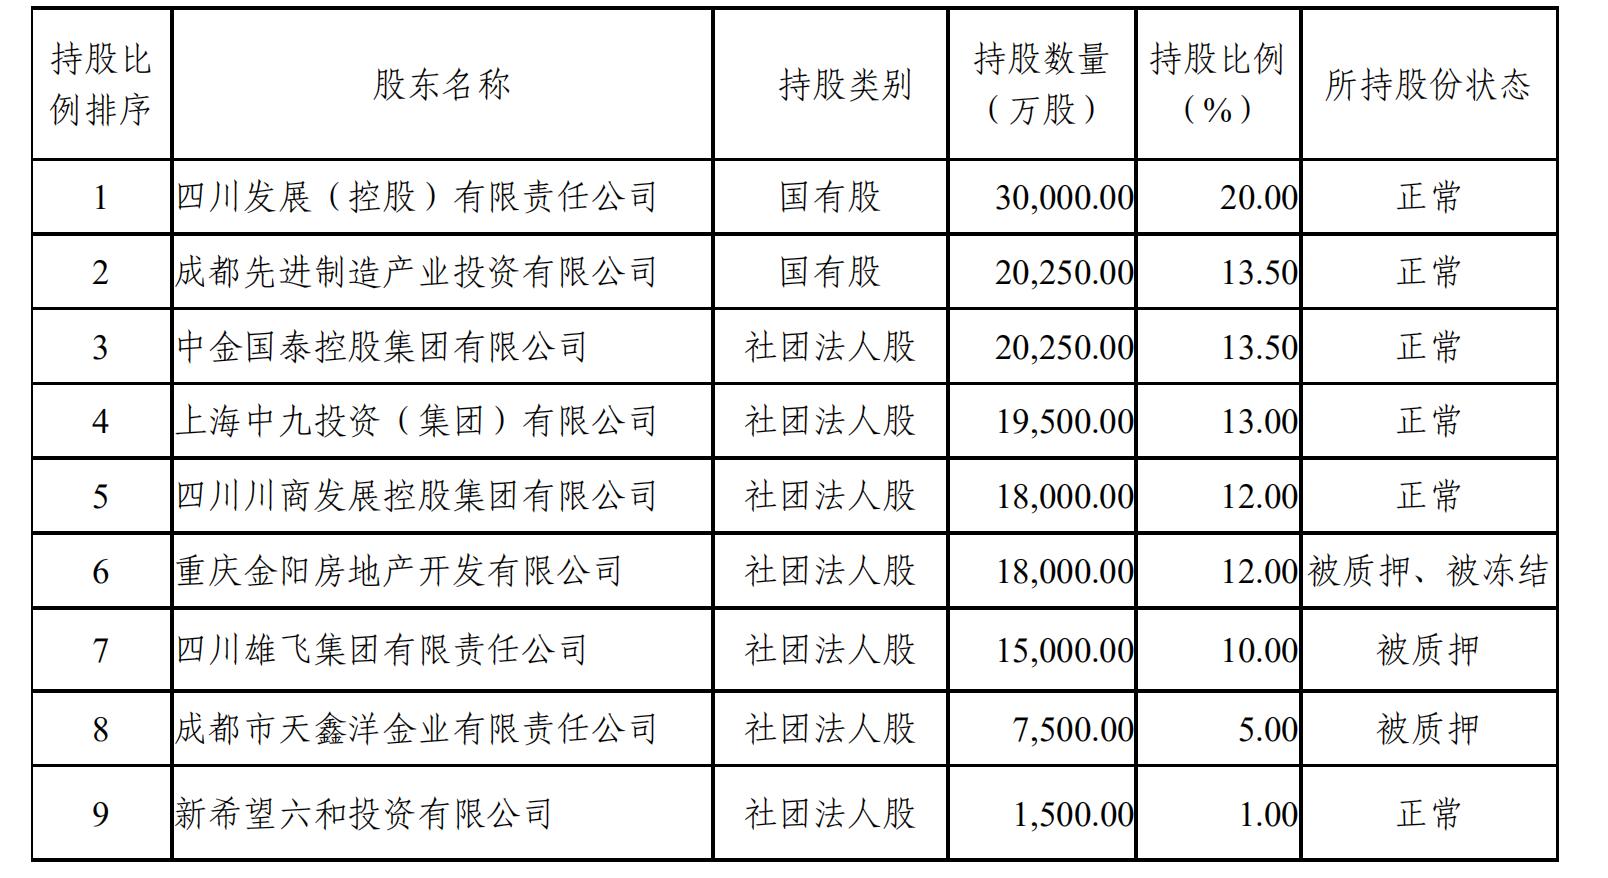 国宝人寿董事长易军接受纪律审查和监察调查,3股东股权处质押状态